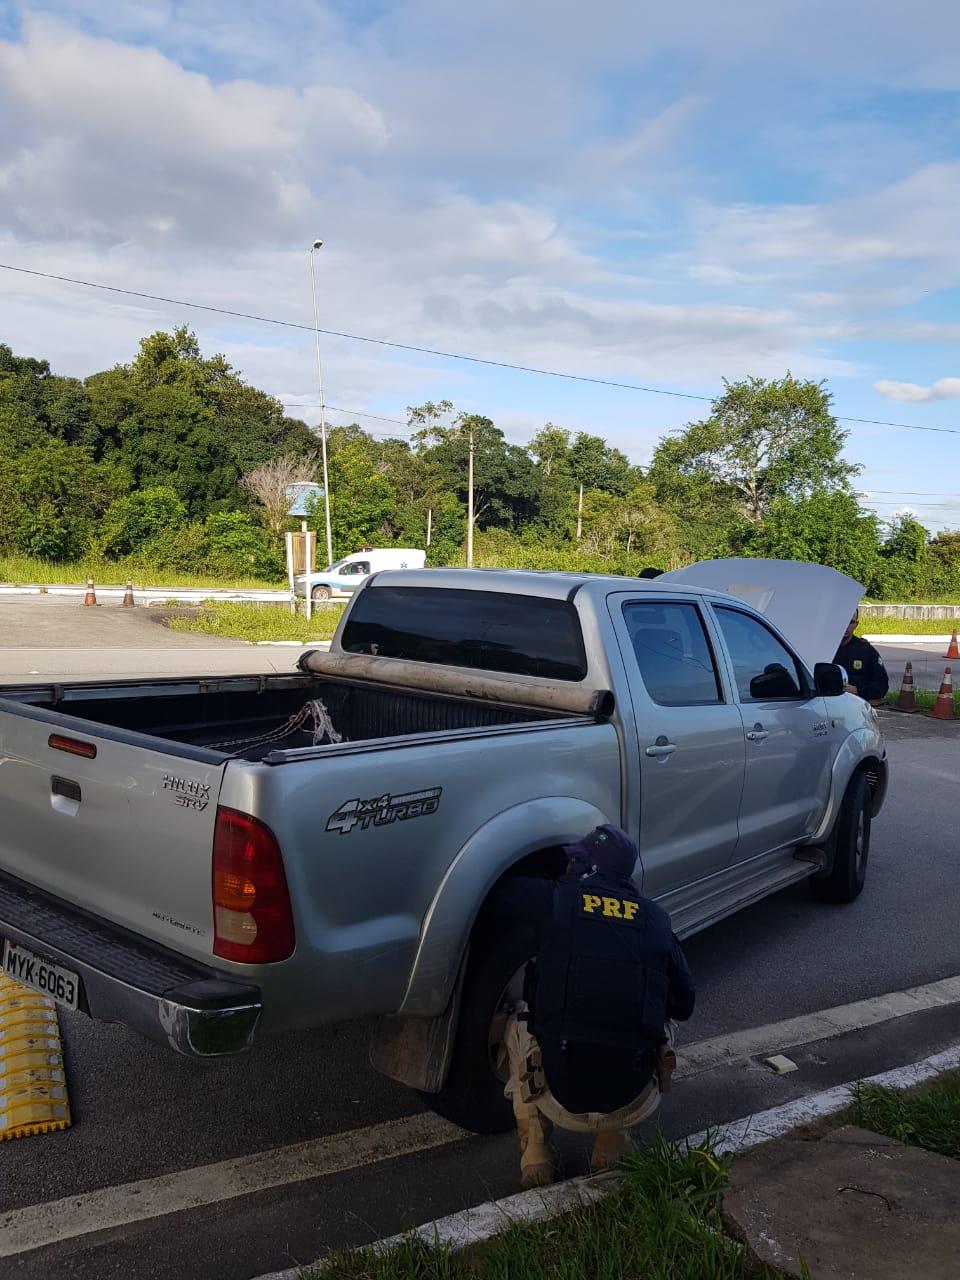 9e3b8ed9 7d88 456e 865a 0bc176093244 - GELADEIRA RECHEADA: PRF apreende carro roubado com 250Kg de drogas escondido em eletrodoméstico